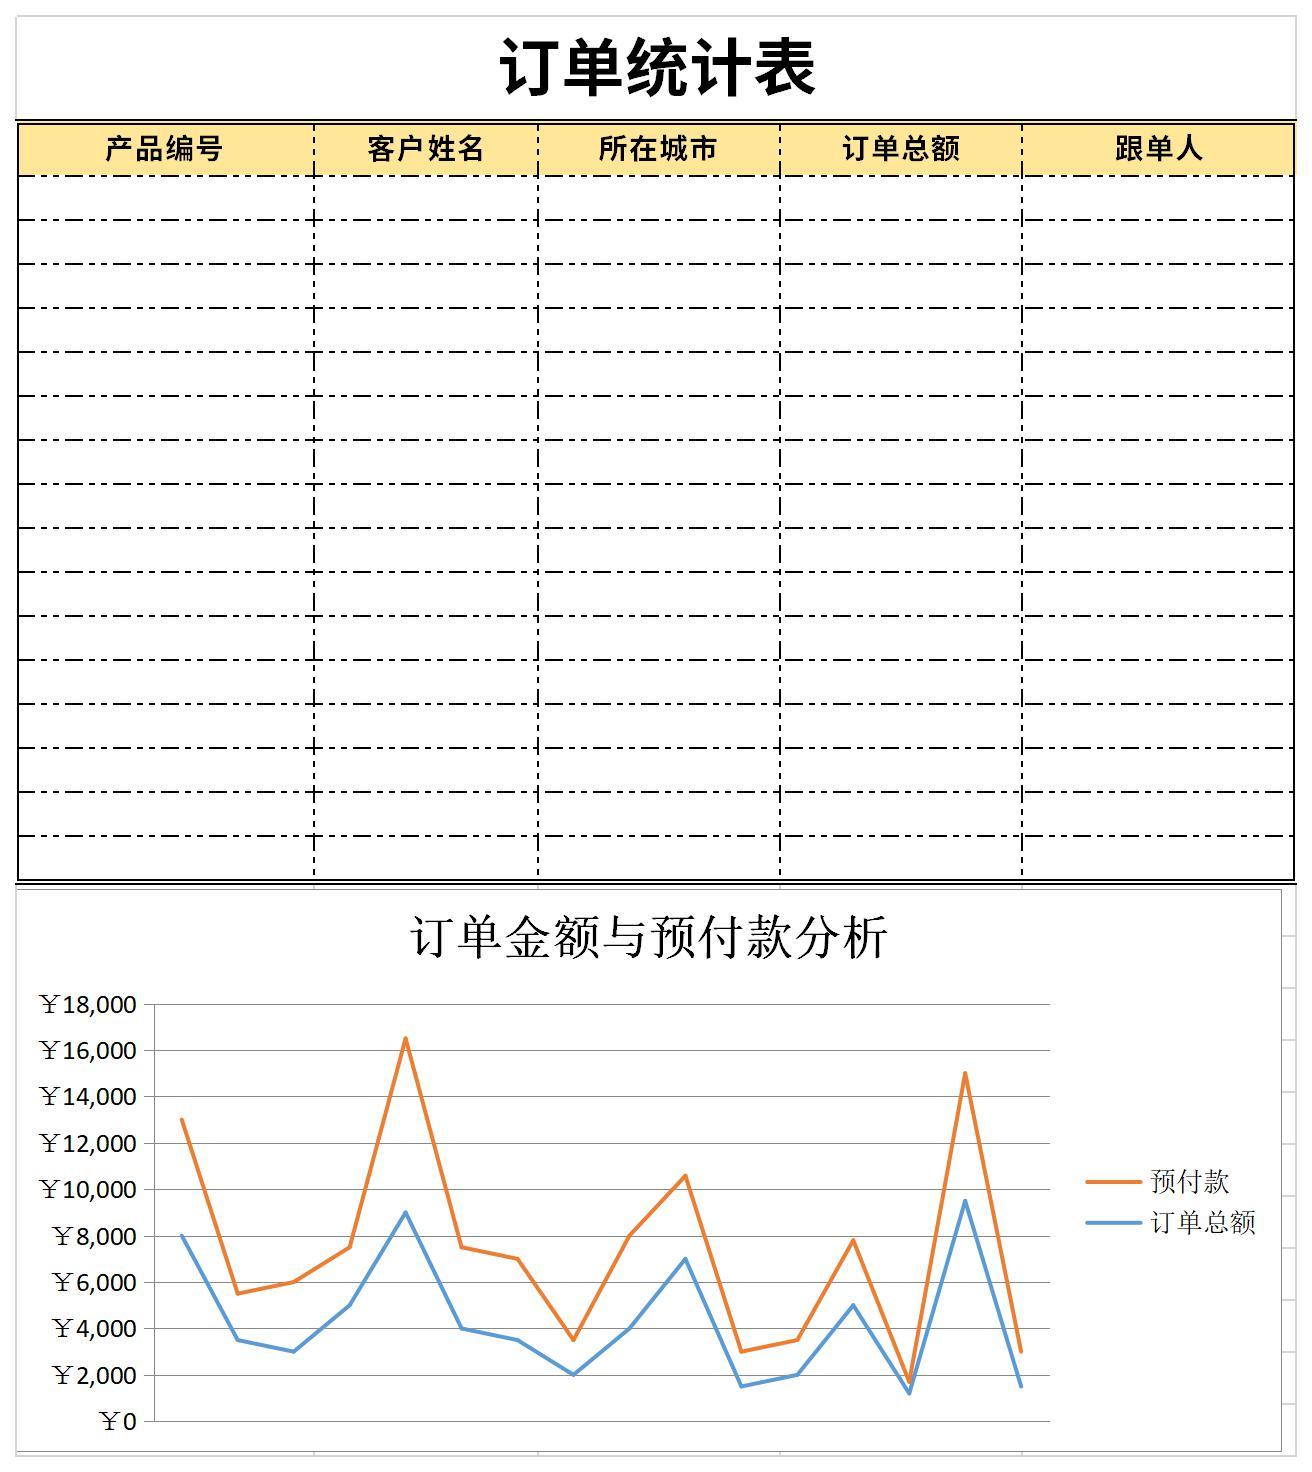 订单统计表截图